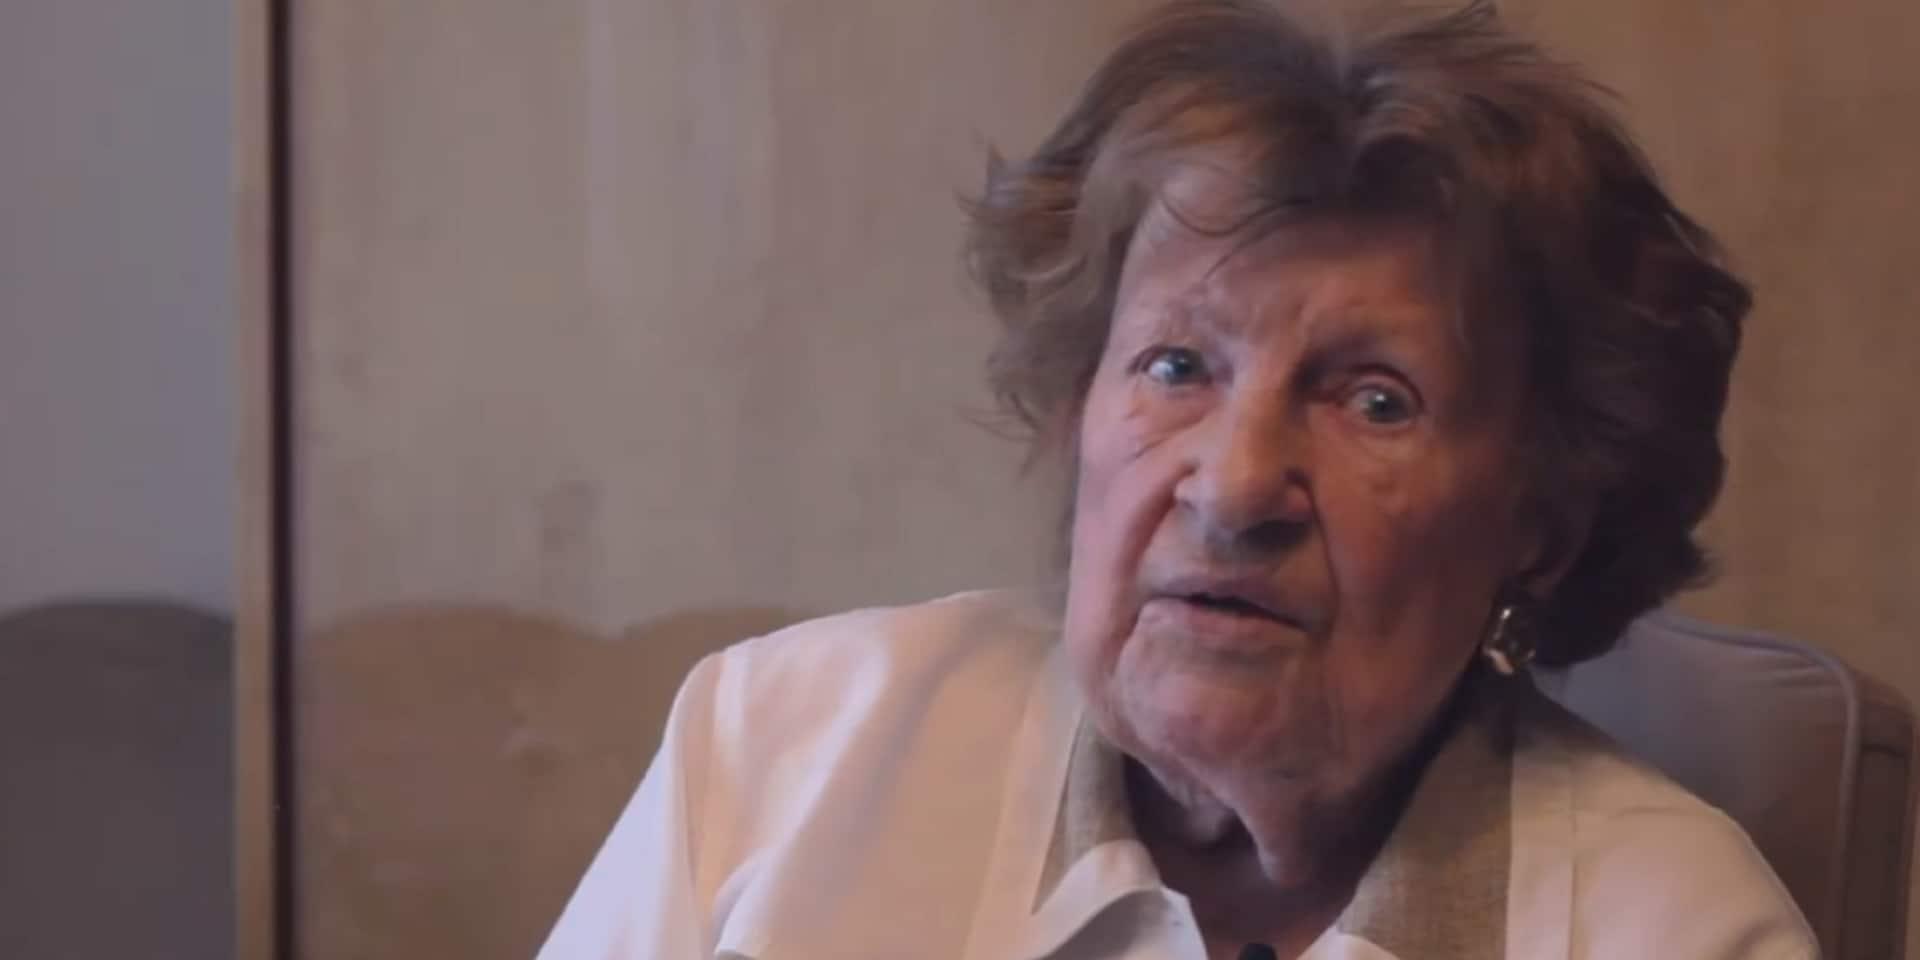 Paula Marckx, qui est à l'origine de l'arrêt Marckx, est décédée à l'âge de 94 ans